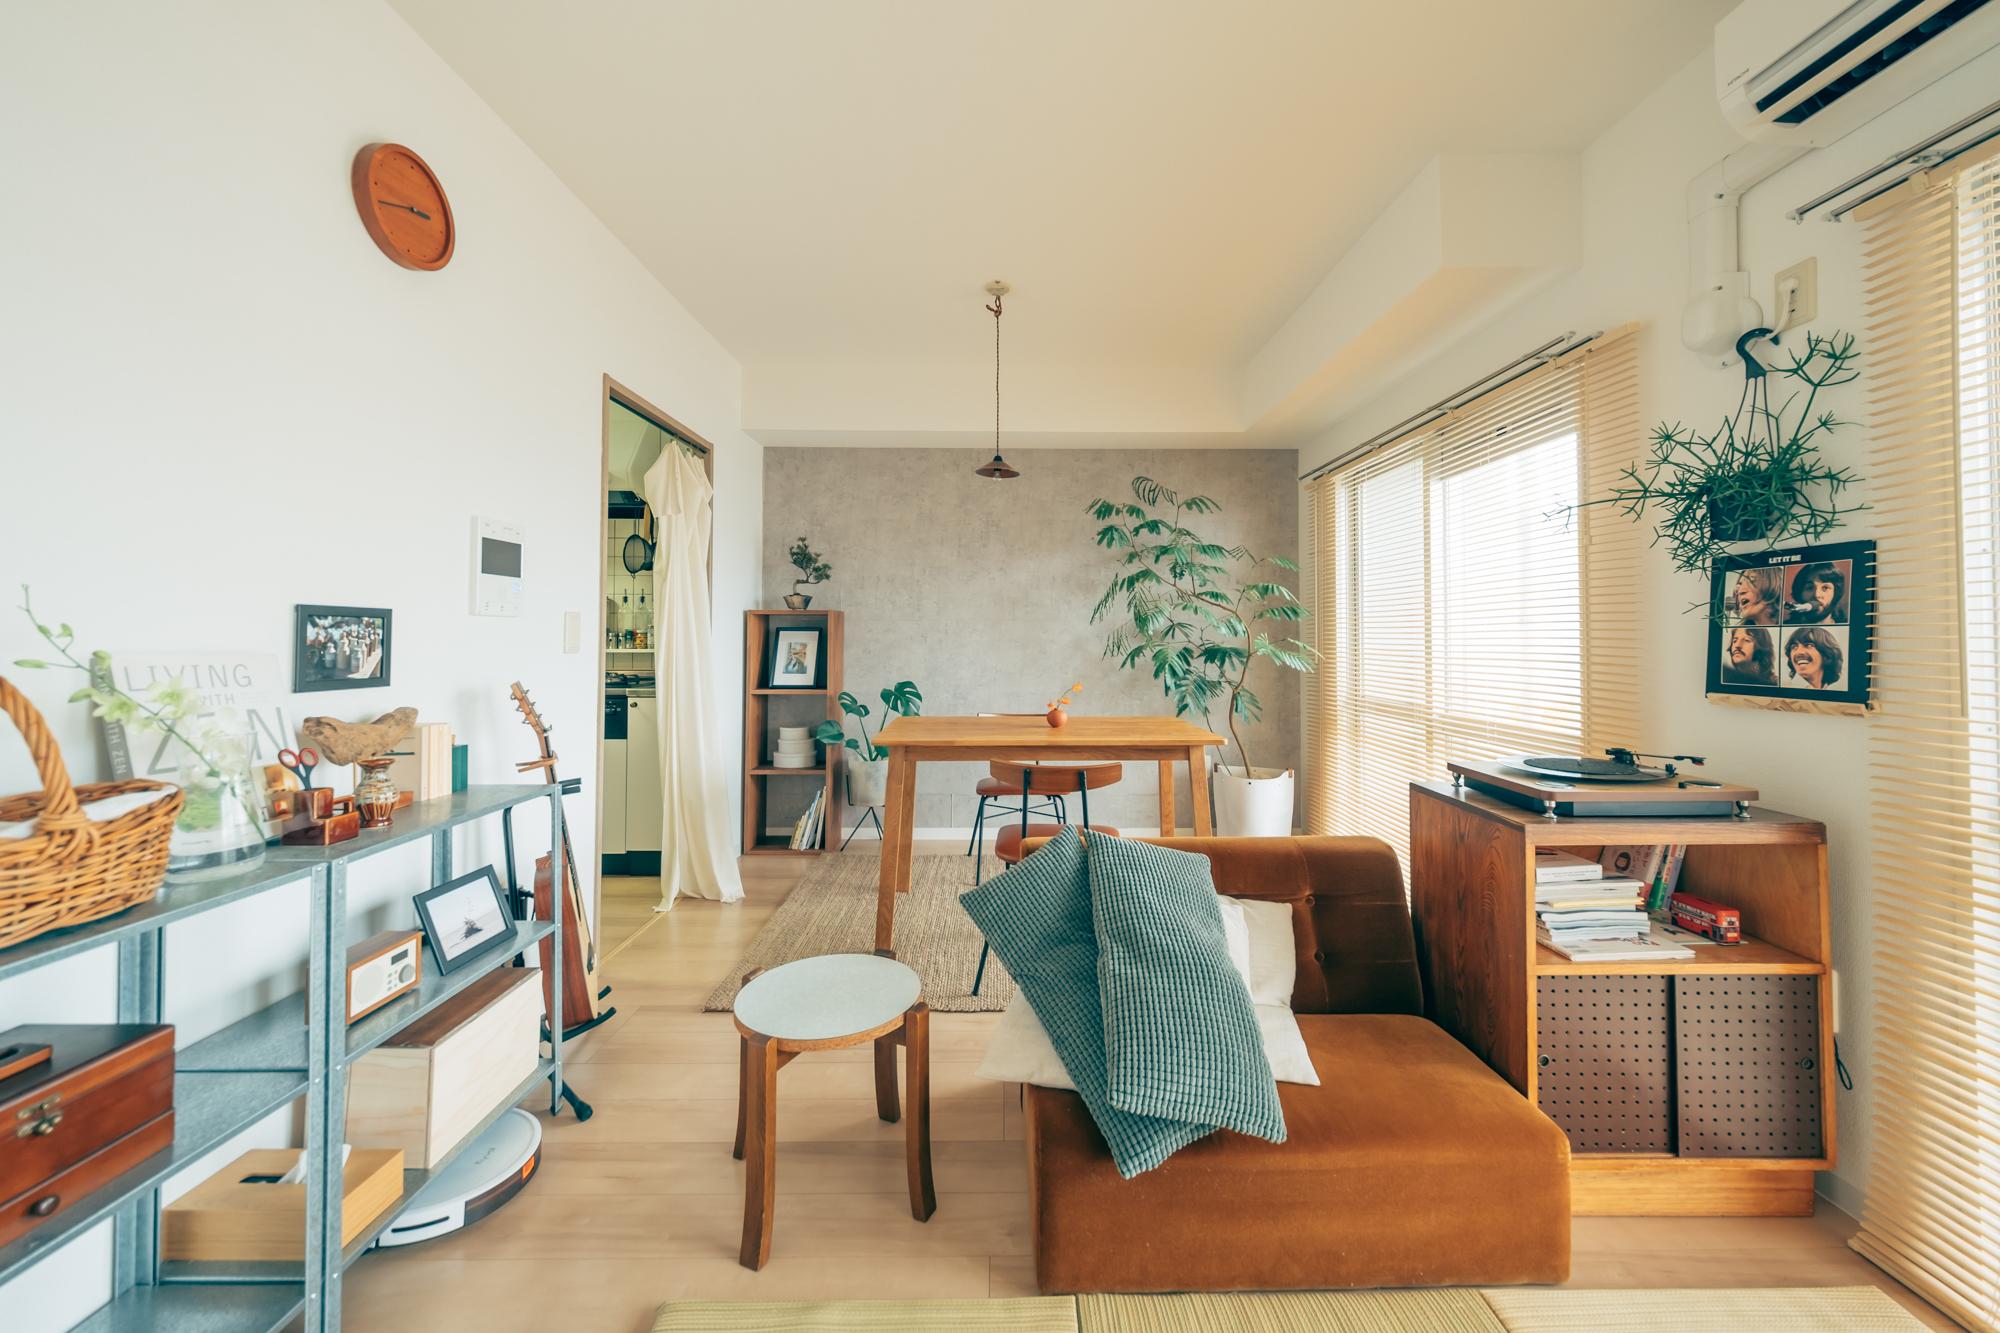 yuzuさんカップルが二人暮らしのスタートに選ばれたのは、千葉県の海沿いの駅にあるUR賃貸住宅の団地です。 それぞれ都内で一人暮らしをされていたお二人、お部屋探しのポイントは「リビングが広くて、なるべく家賃が安いお部屋」。間取りは60㎡弱の1LDKで、シンプルな内装にちょっとだけ手を加えながら、自分らしく住みこなしていらっしゃいます。